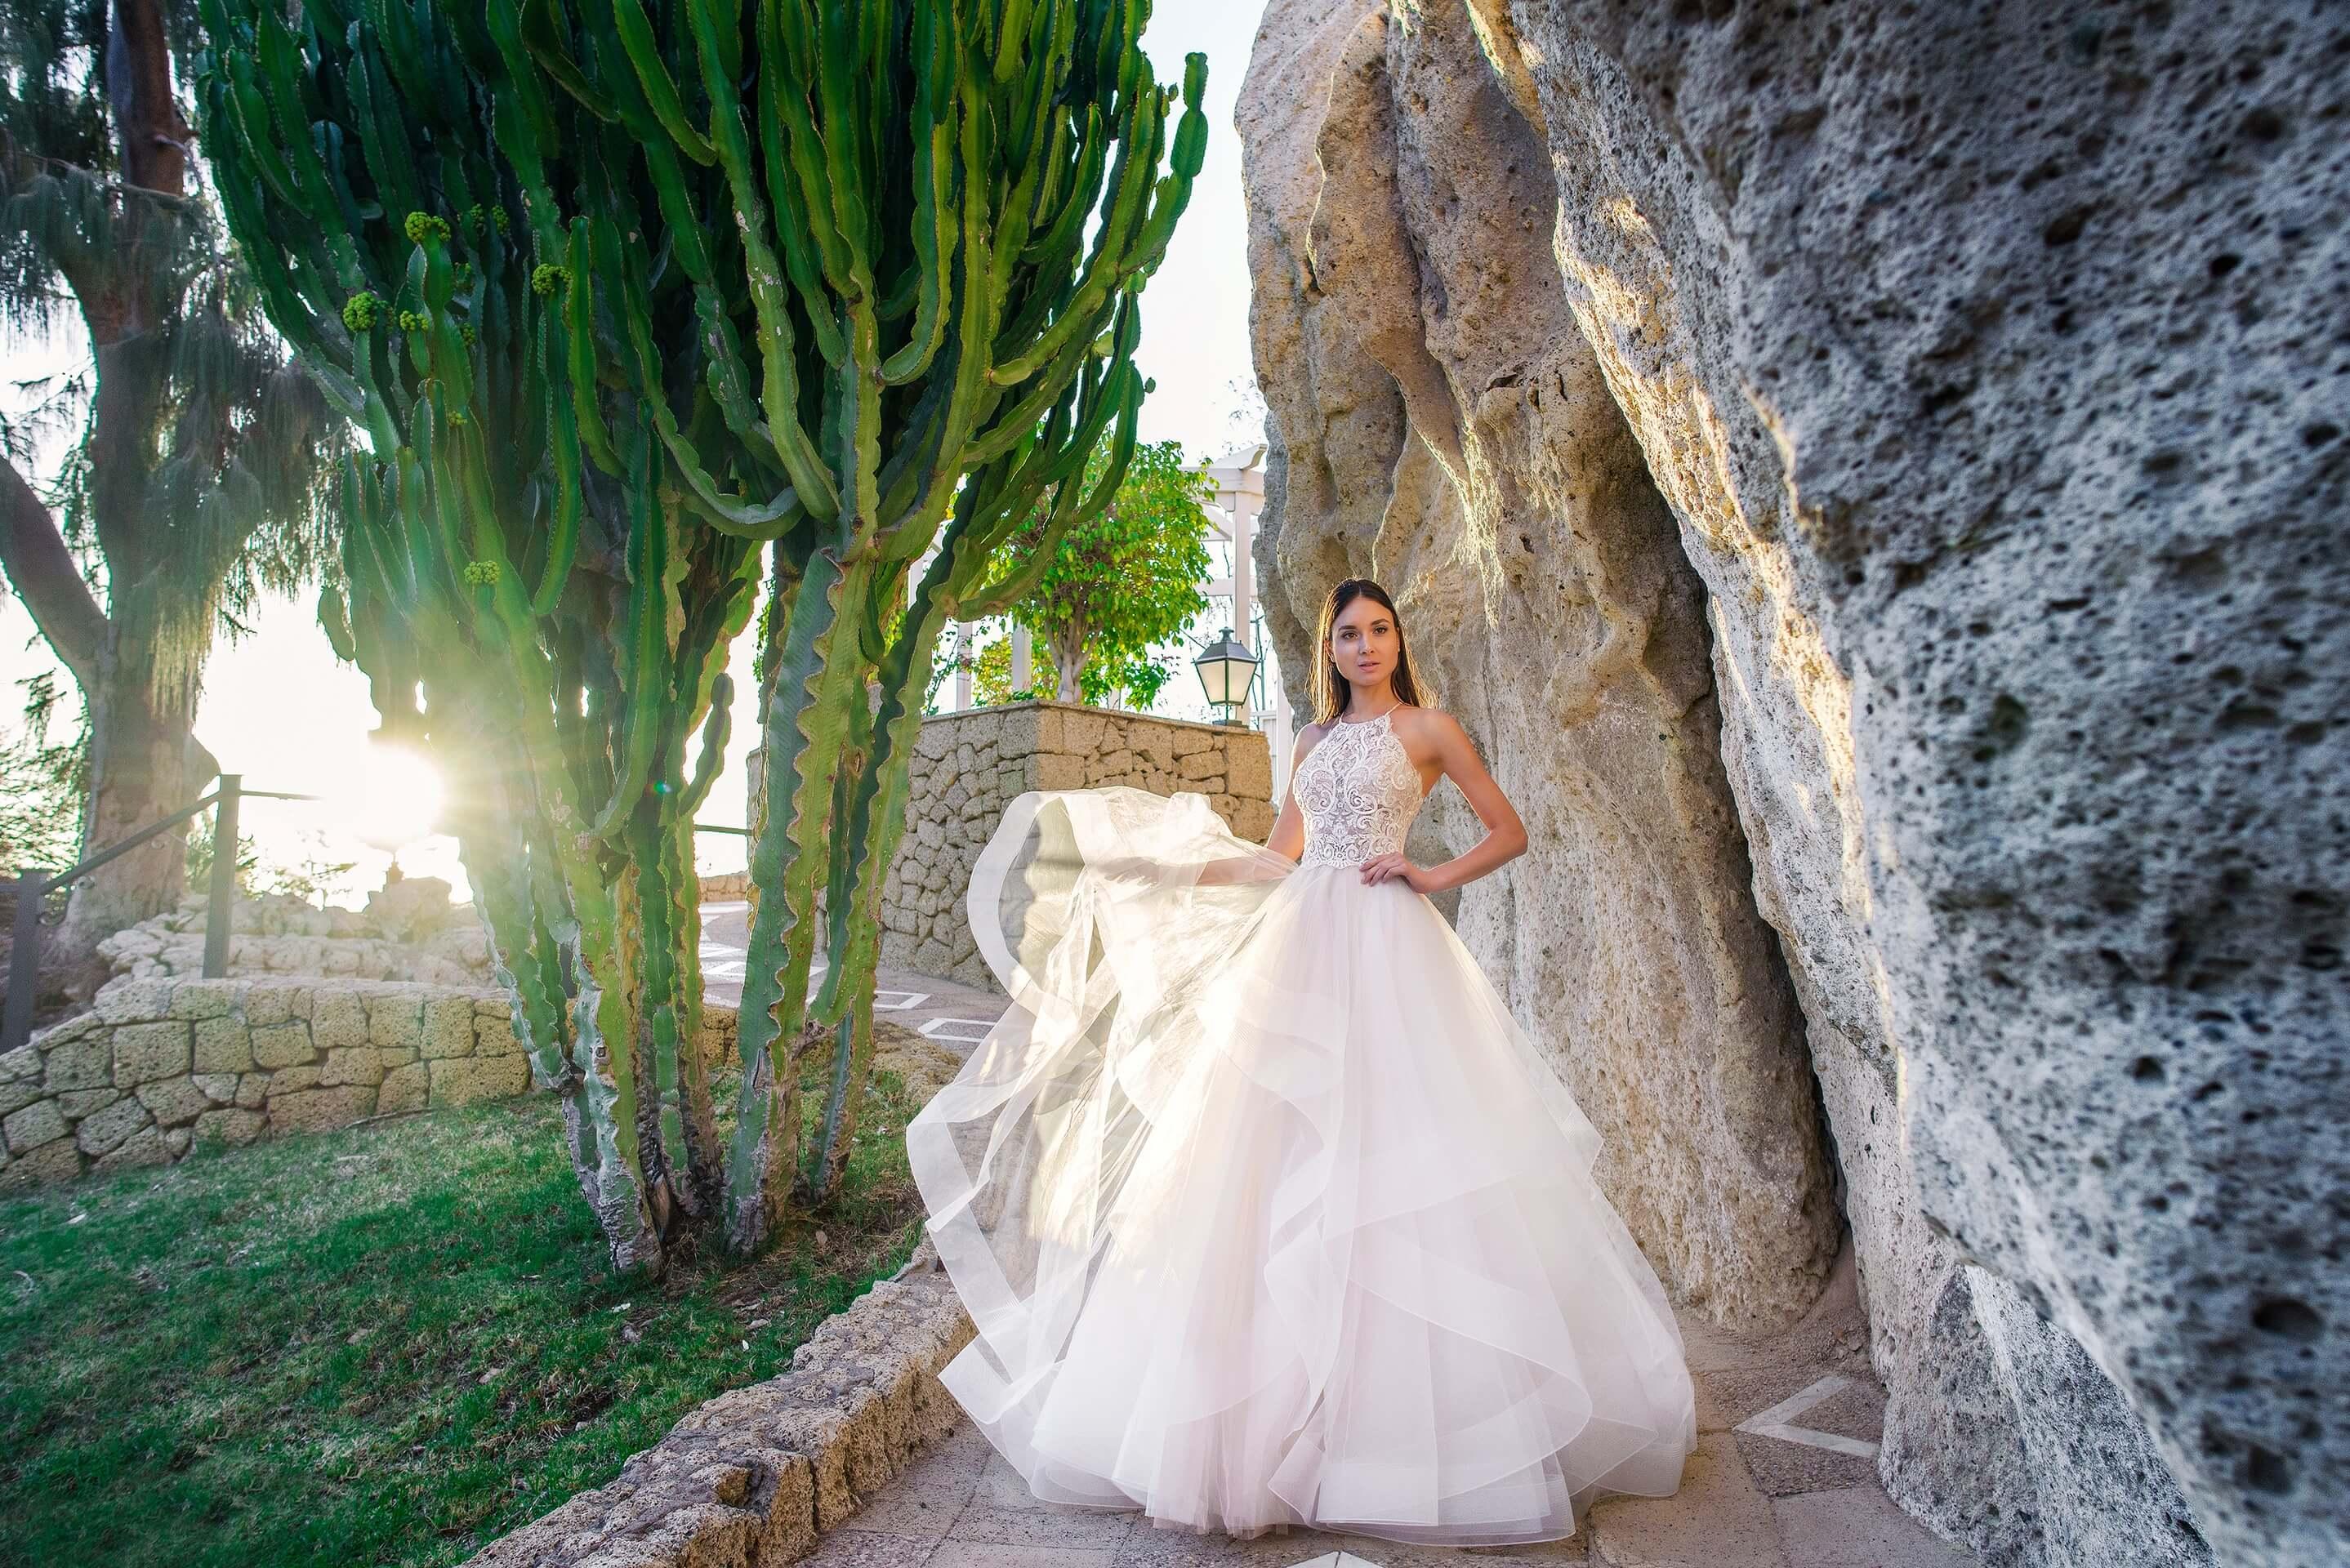 Свадебное платье с многоярусным подолом и изящным кружевным верхом.